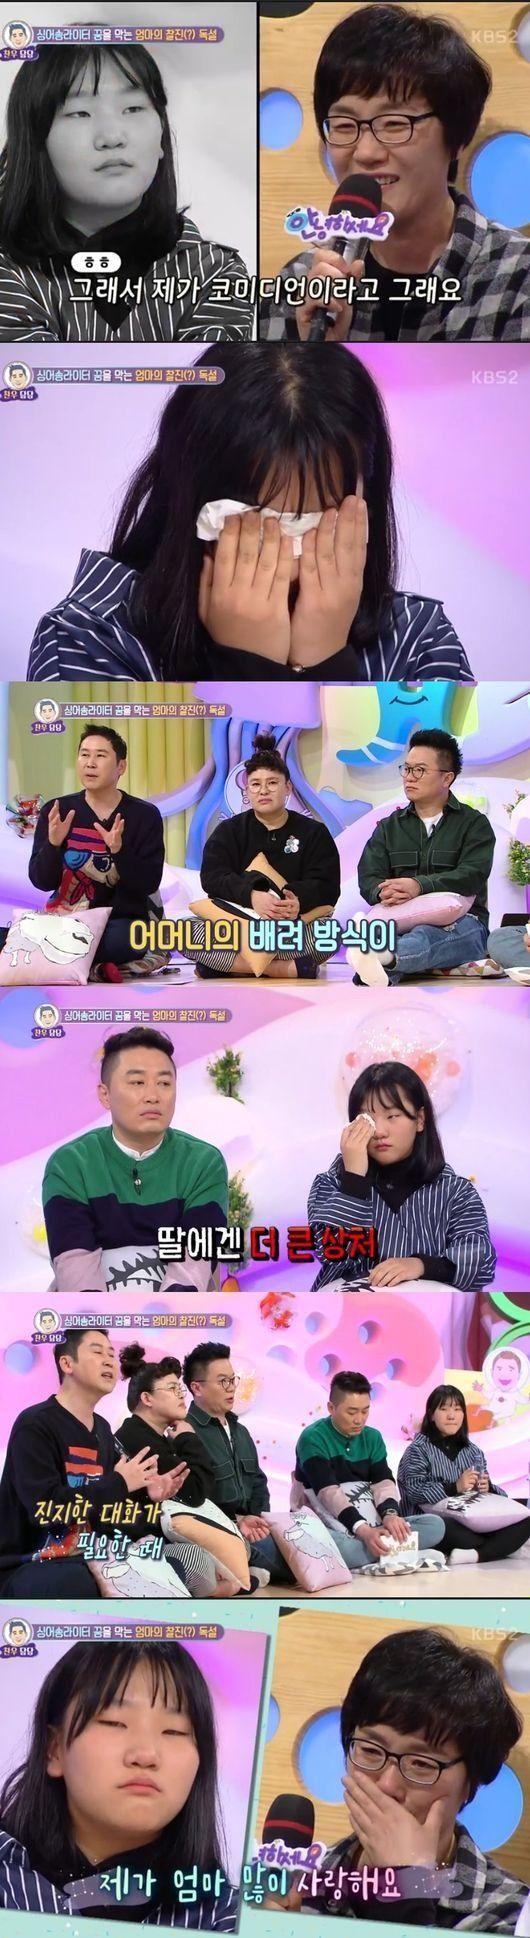 [어저께TV] '안녕' 신동엽, 독설엄마에 일침